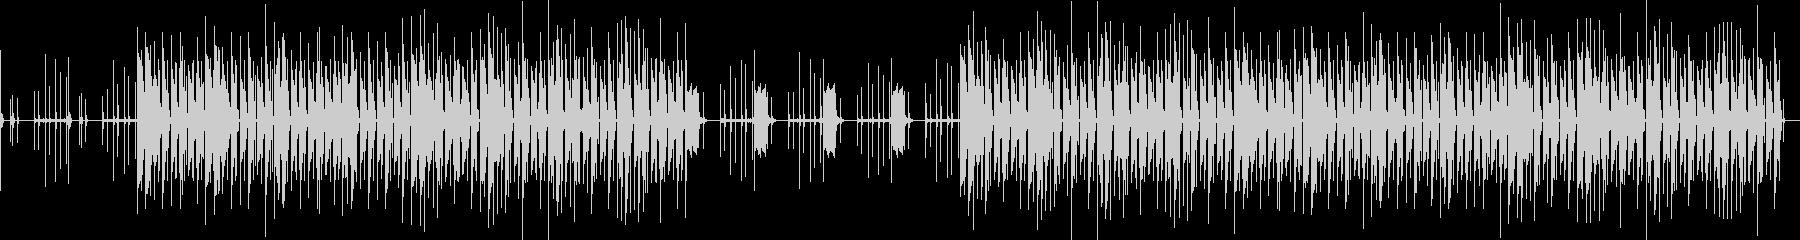 おしゃれ・シンプル・EDM・空気感3の未再生の波形